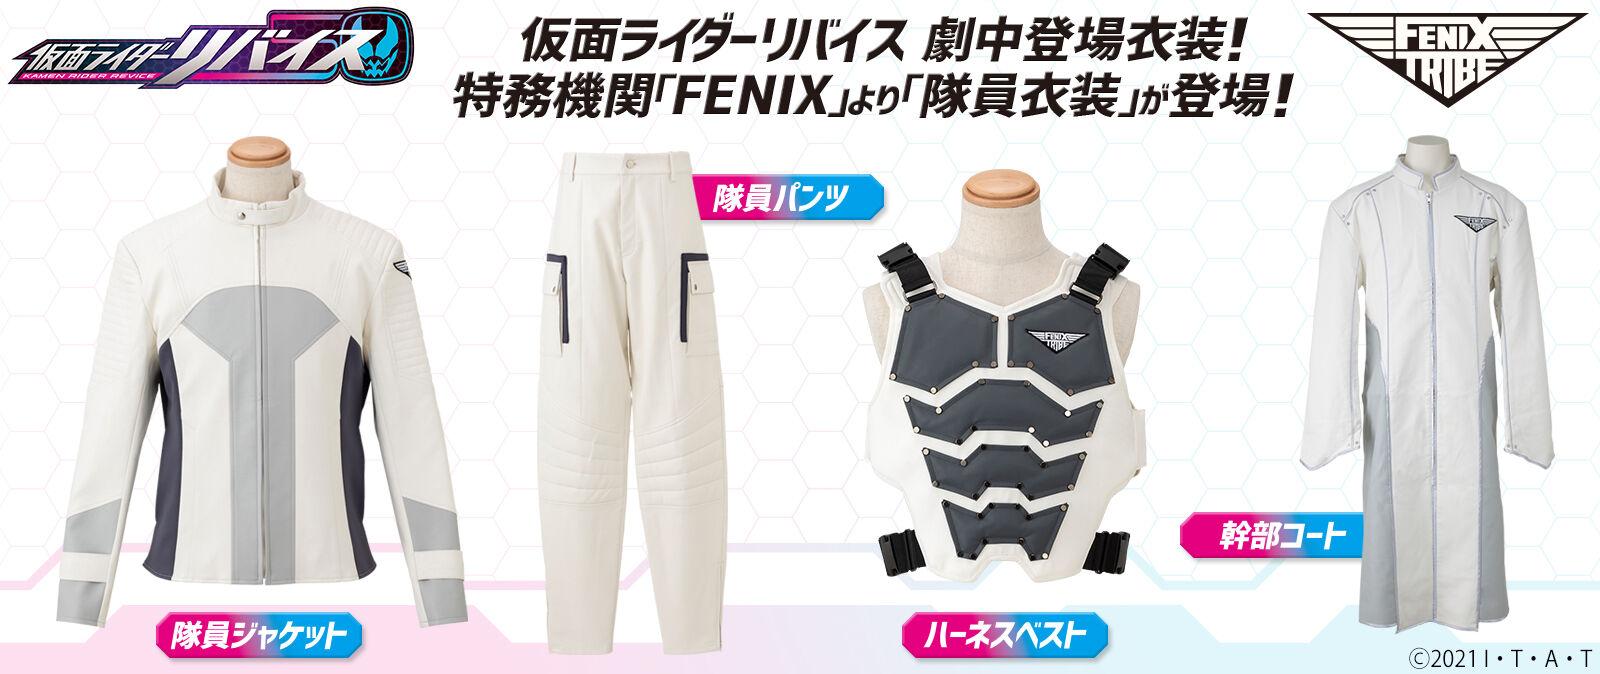 仮面ライダーリバイス FENIX TRIBE 隊員ジャケット